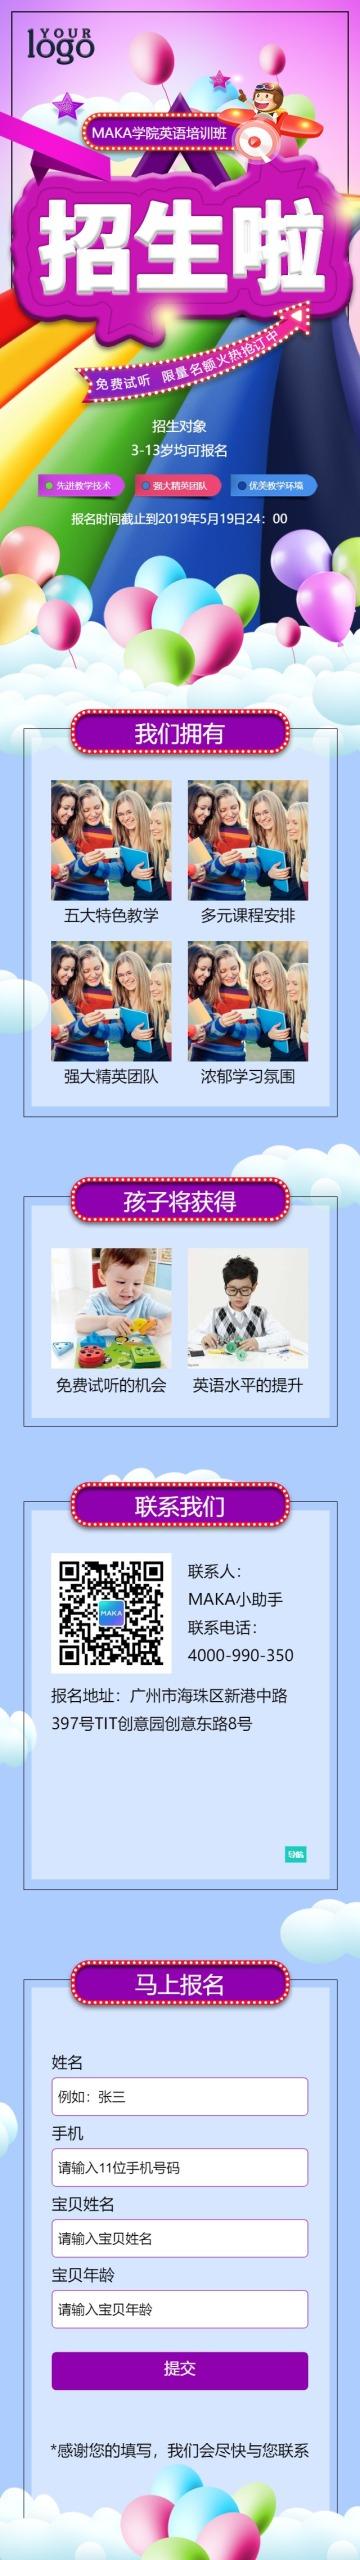 彩虹缤纷色彩培训班幼儿园全年招生宣传单页